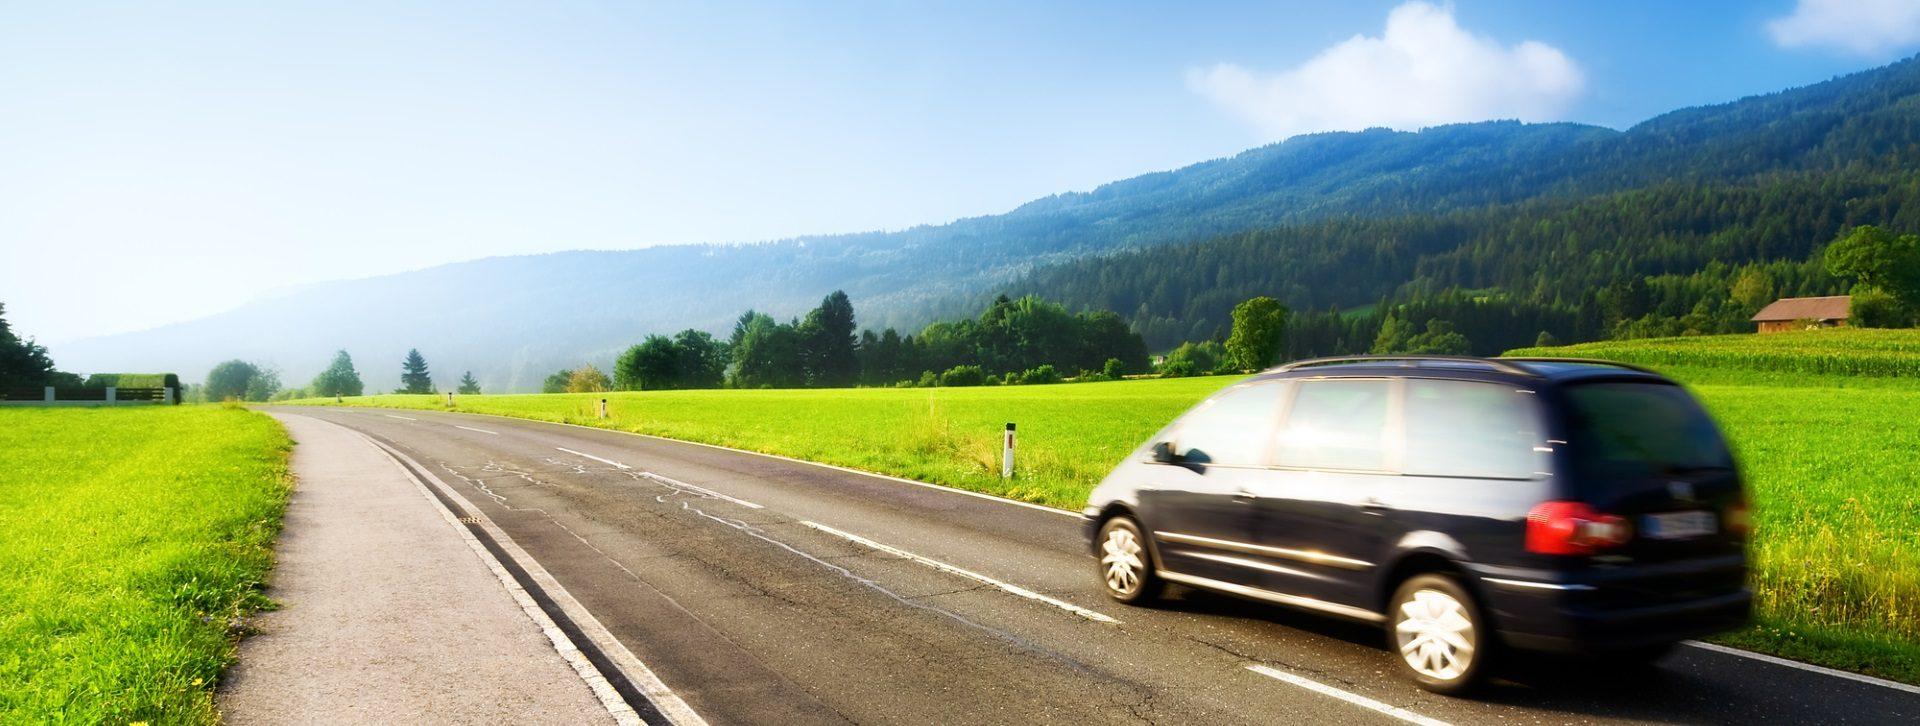 ACE Urlaubsaktion für Autoversicherung